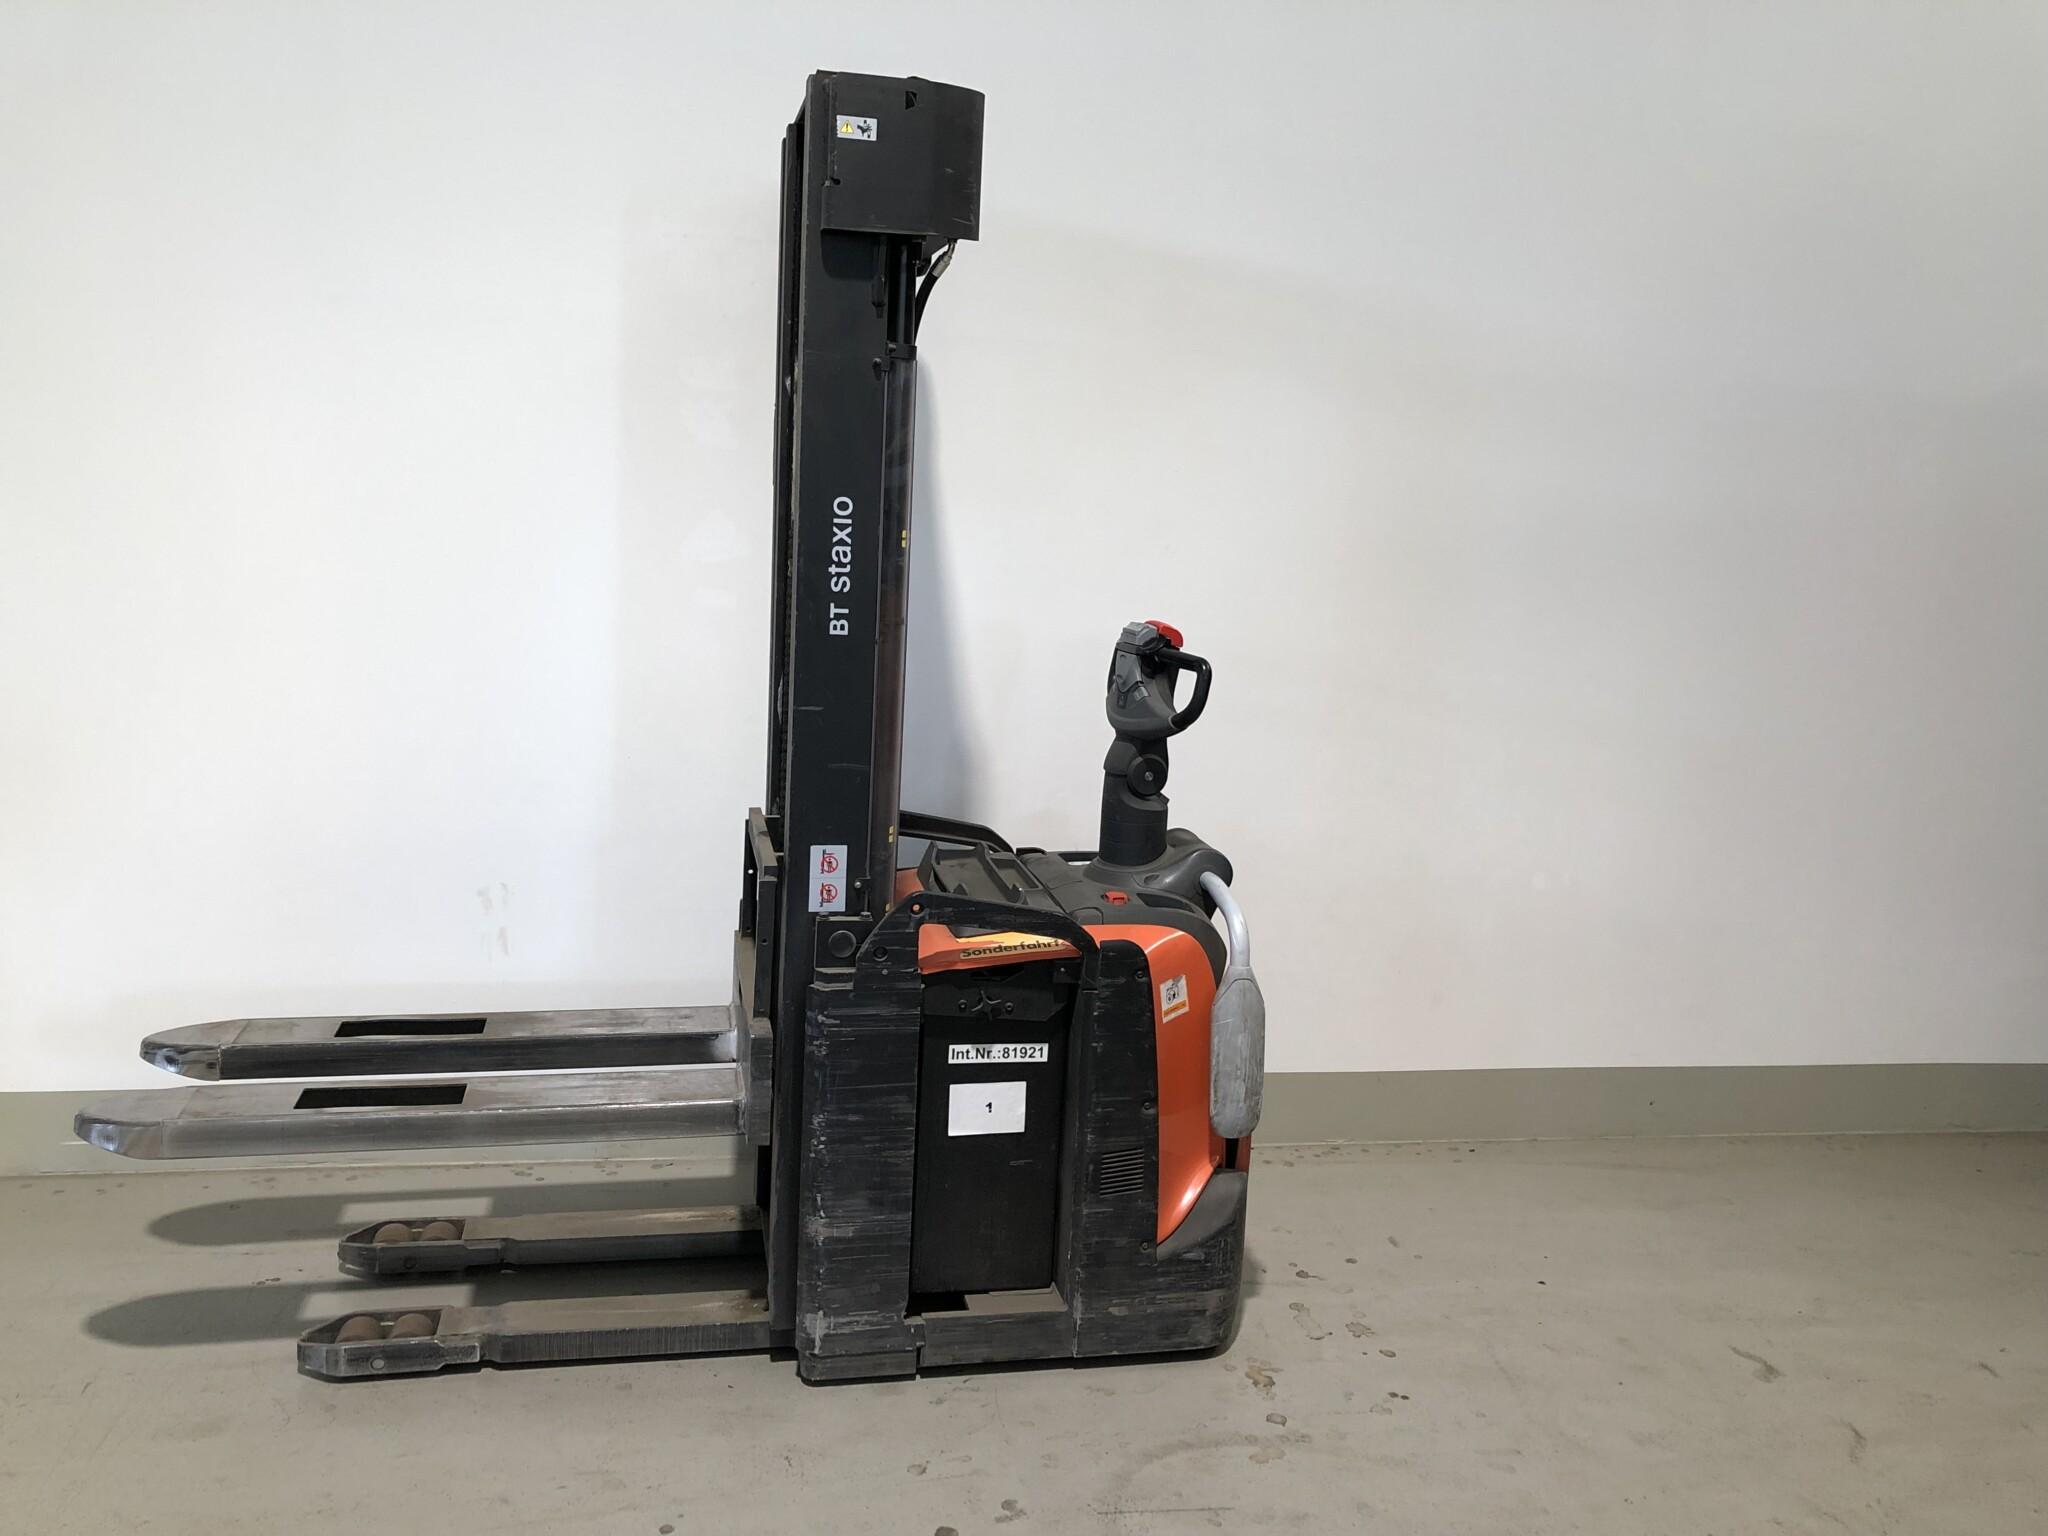 Toyota-Gabelstapler-59840 1705025642 1 scaled